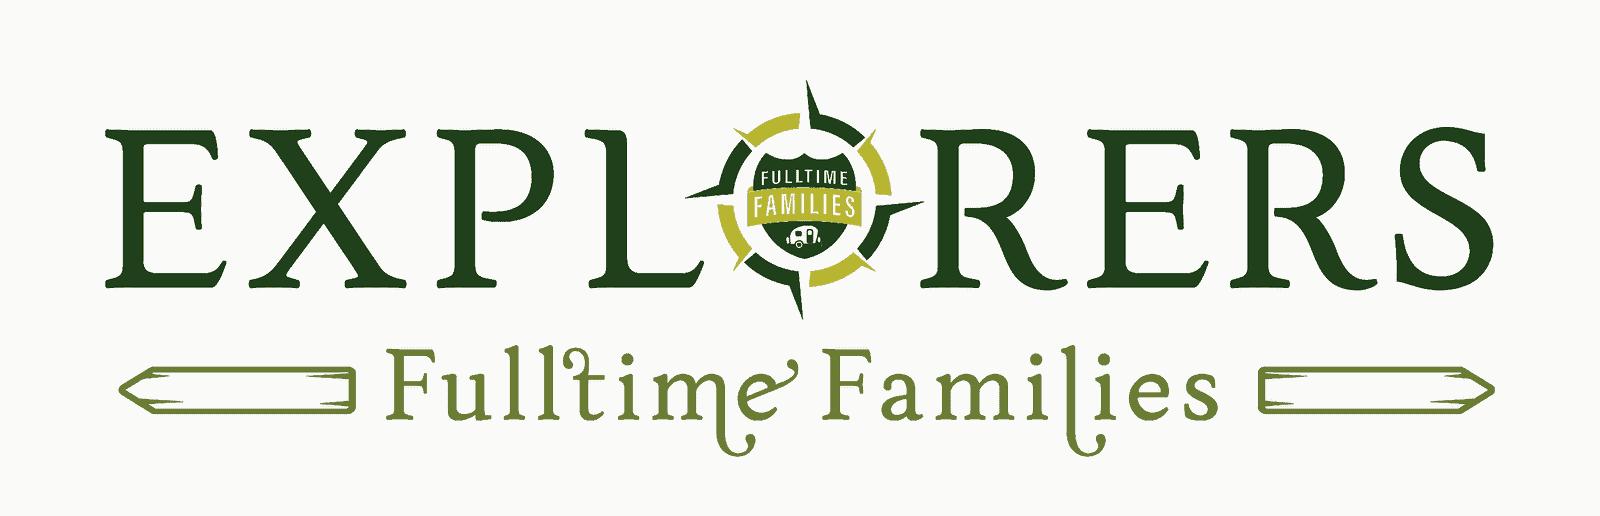 Fulltime Families Explorer Program 1